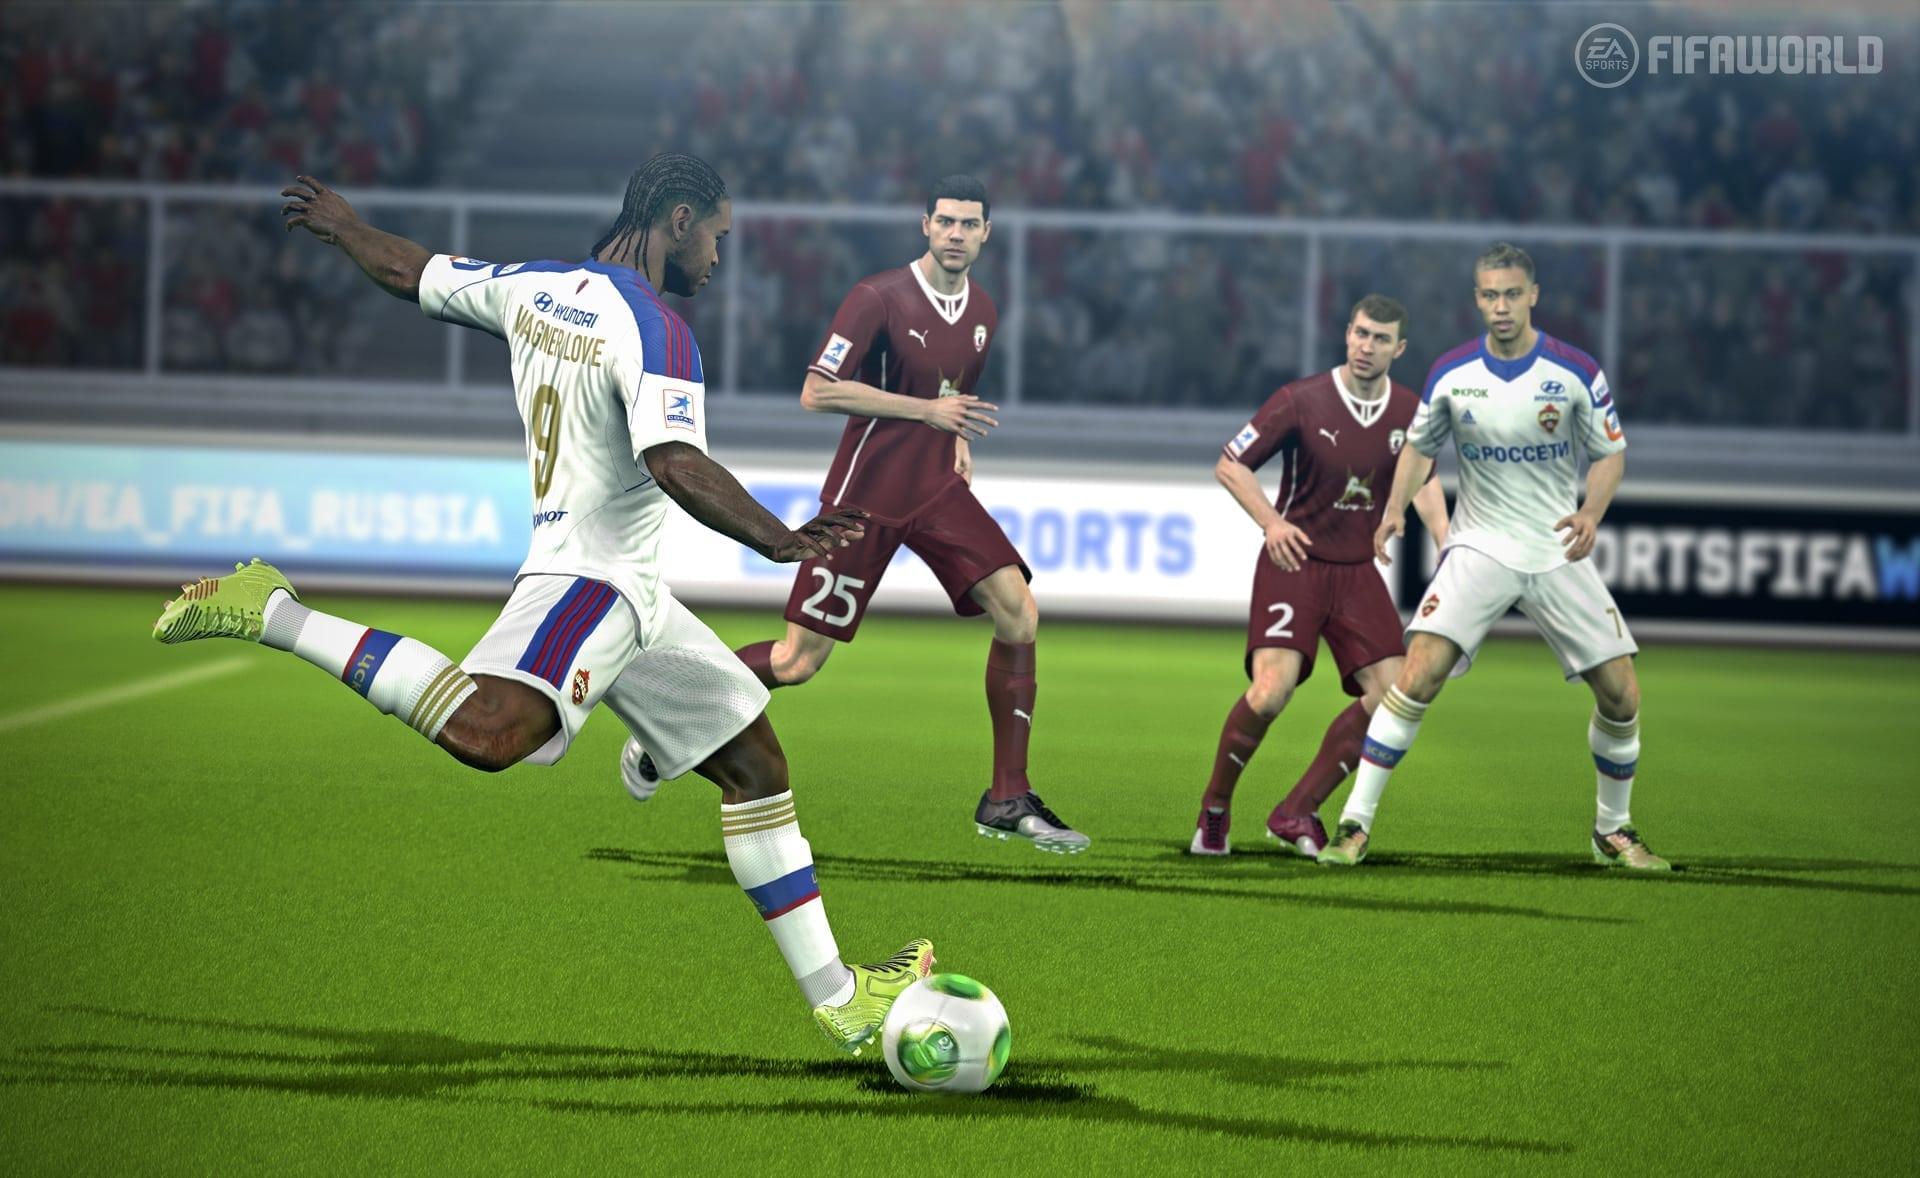 FIFA World screenshot 1